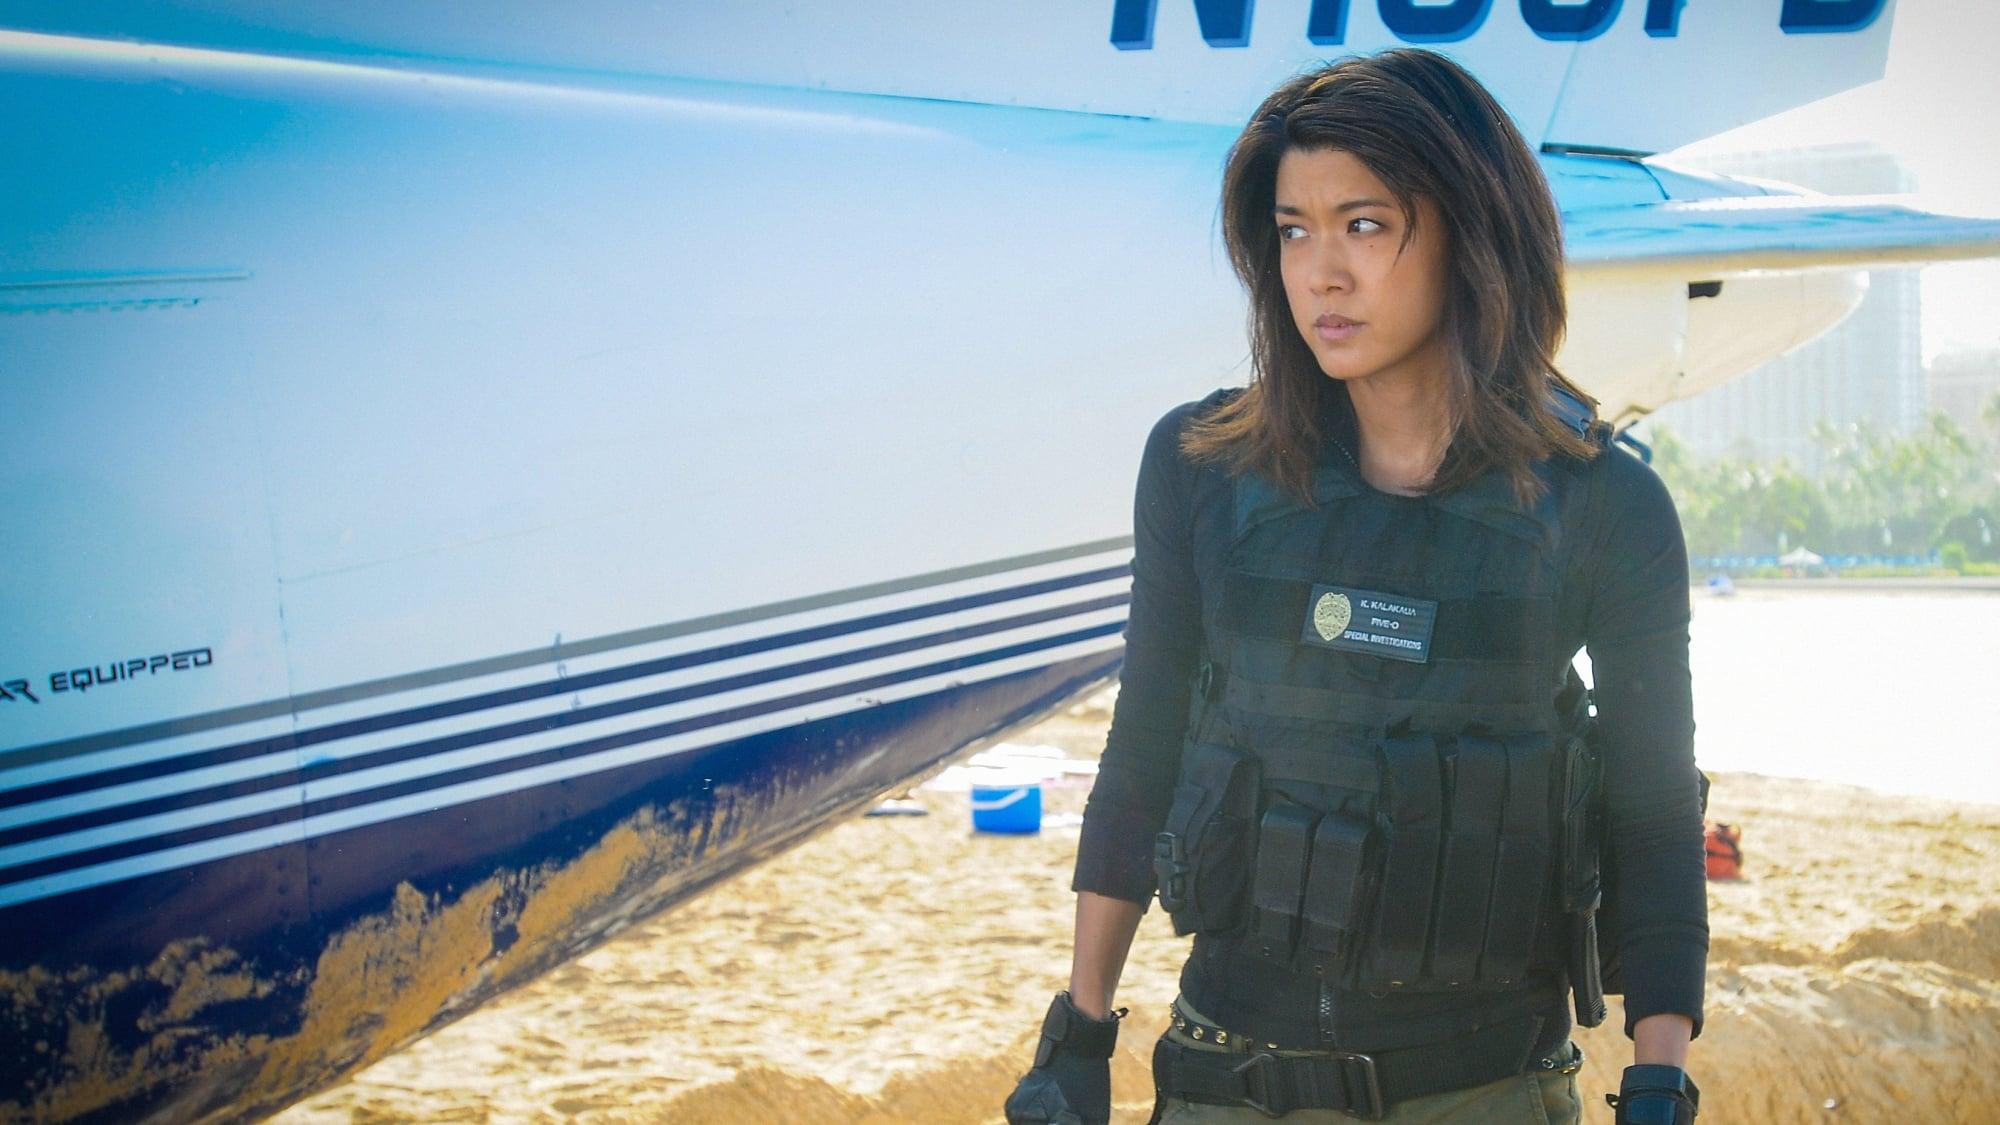 Hawaii Five-0 - Season 6 Episode 25 : O ke ali'I wale no ka'u makemake (My Desire Is Only For The Chief)